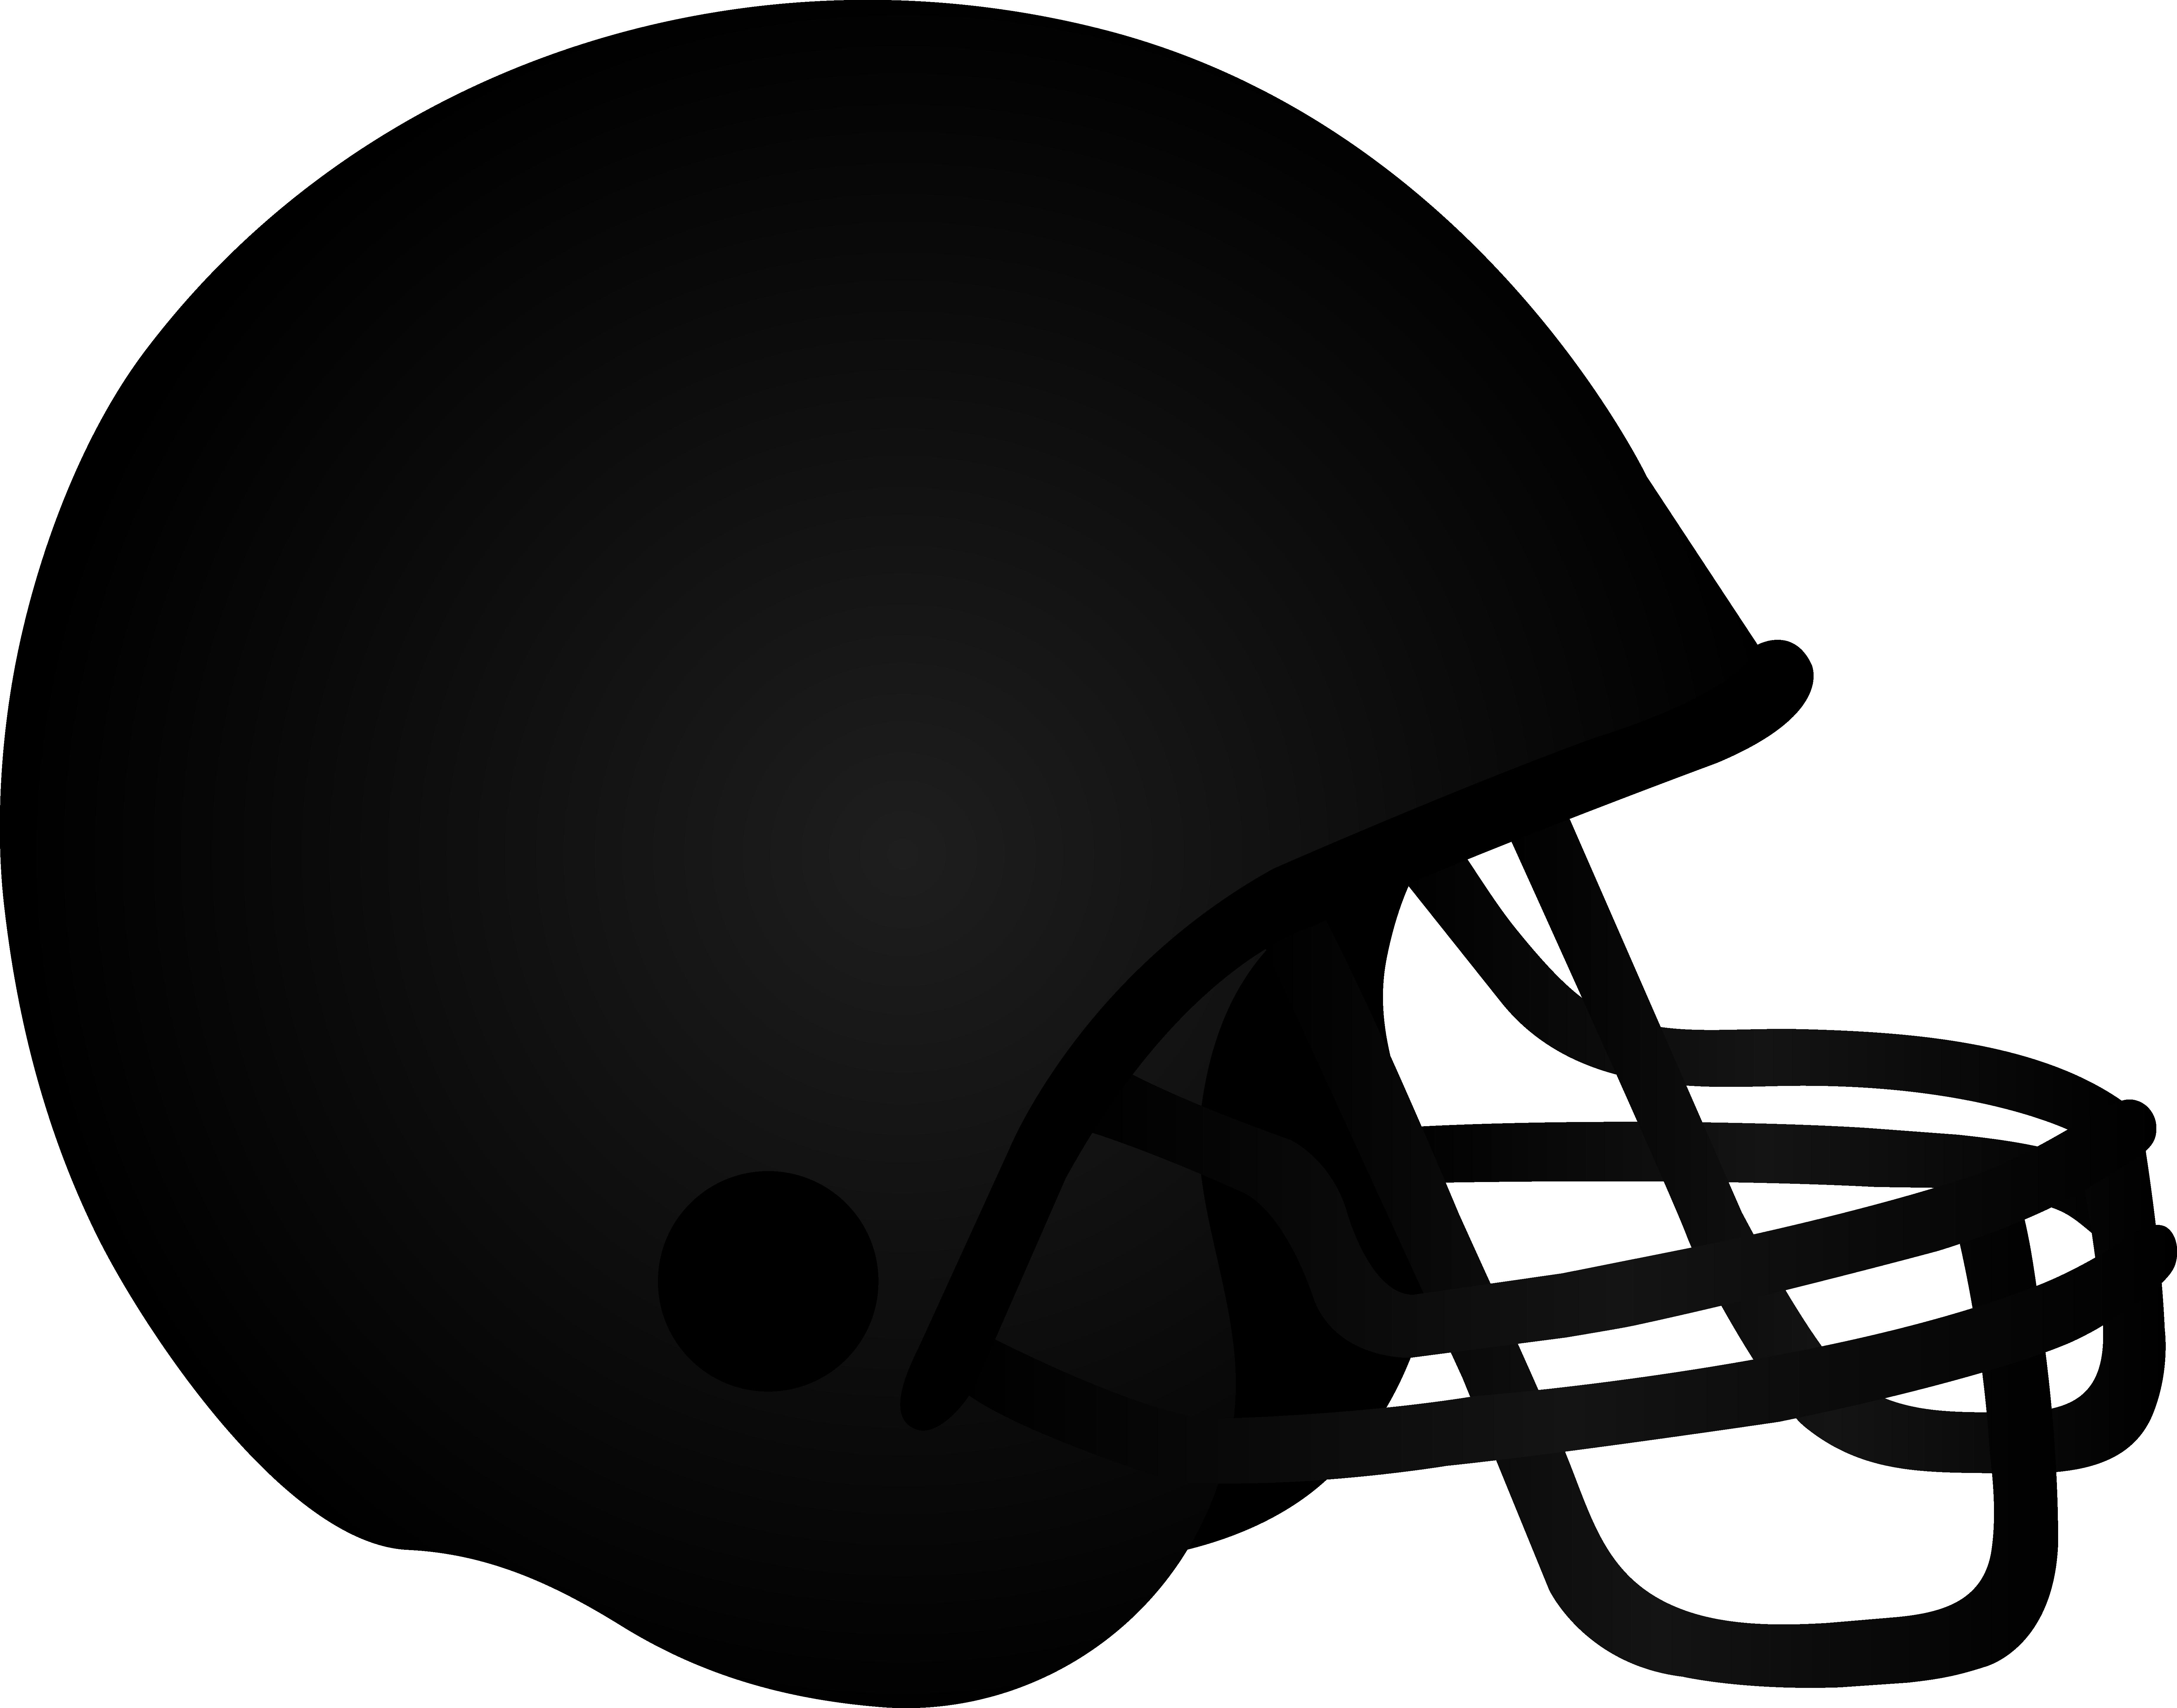 7362x5777 Black Football Helmet